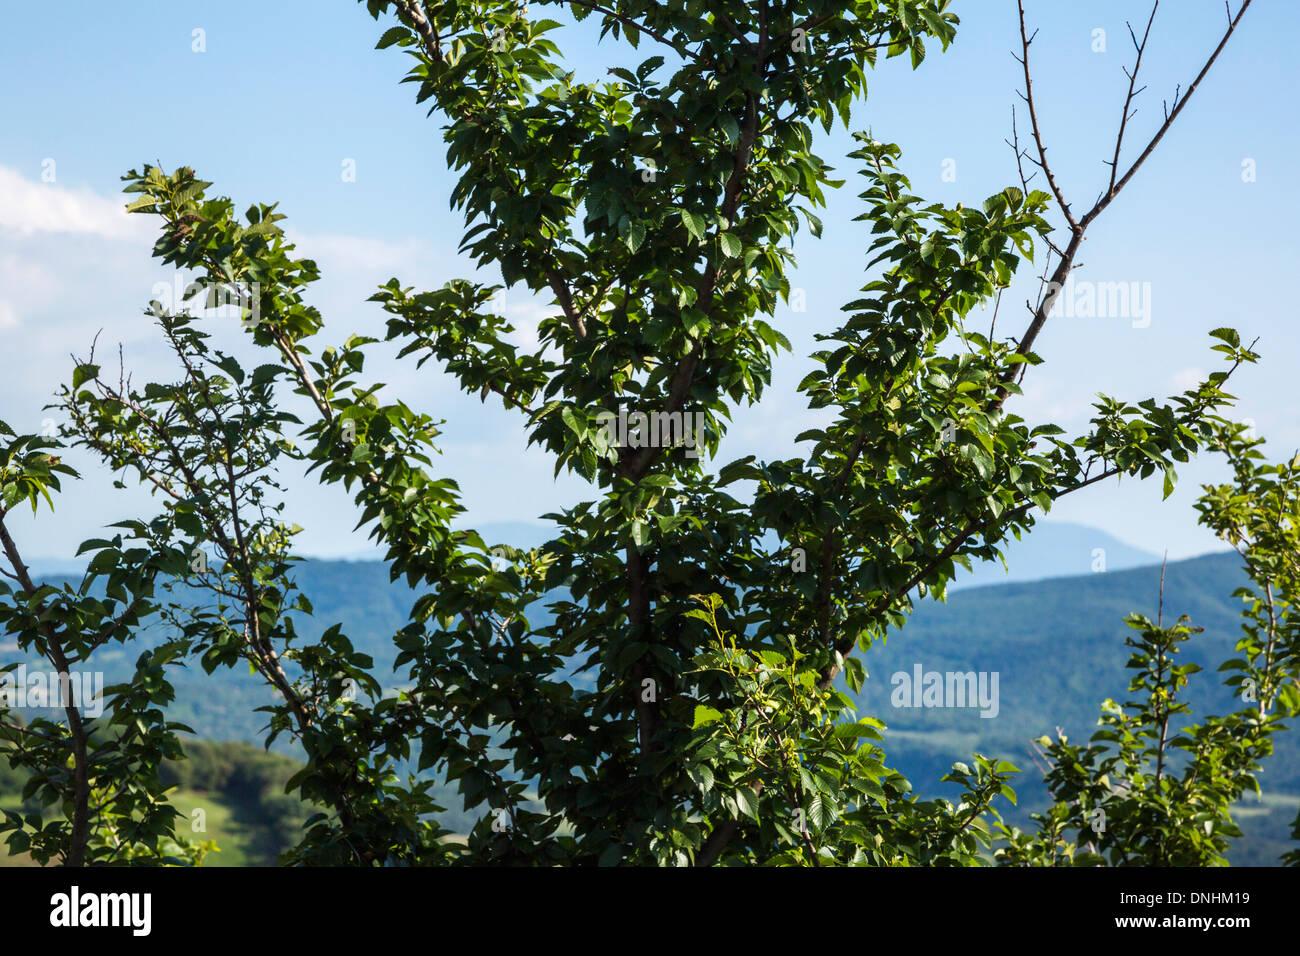 Close-up d'un arbre avec des collines en arrière-plan, Volterra, Province de Pise, Toscane, Italie Banque D'Images